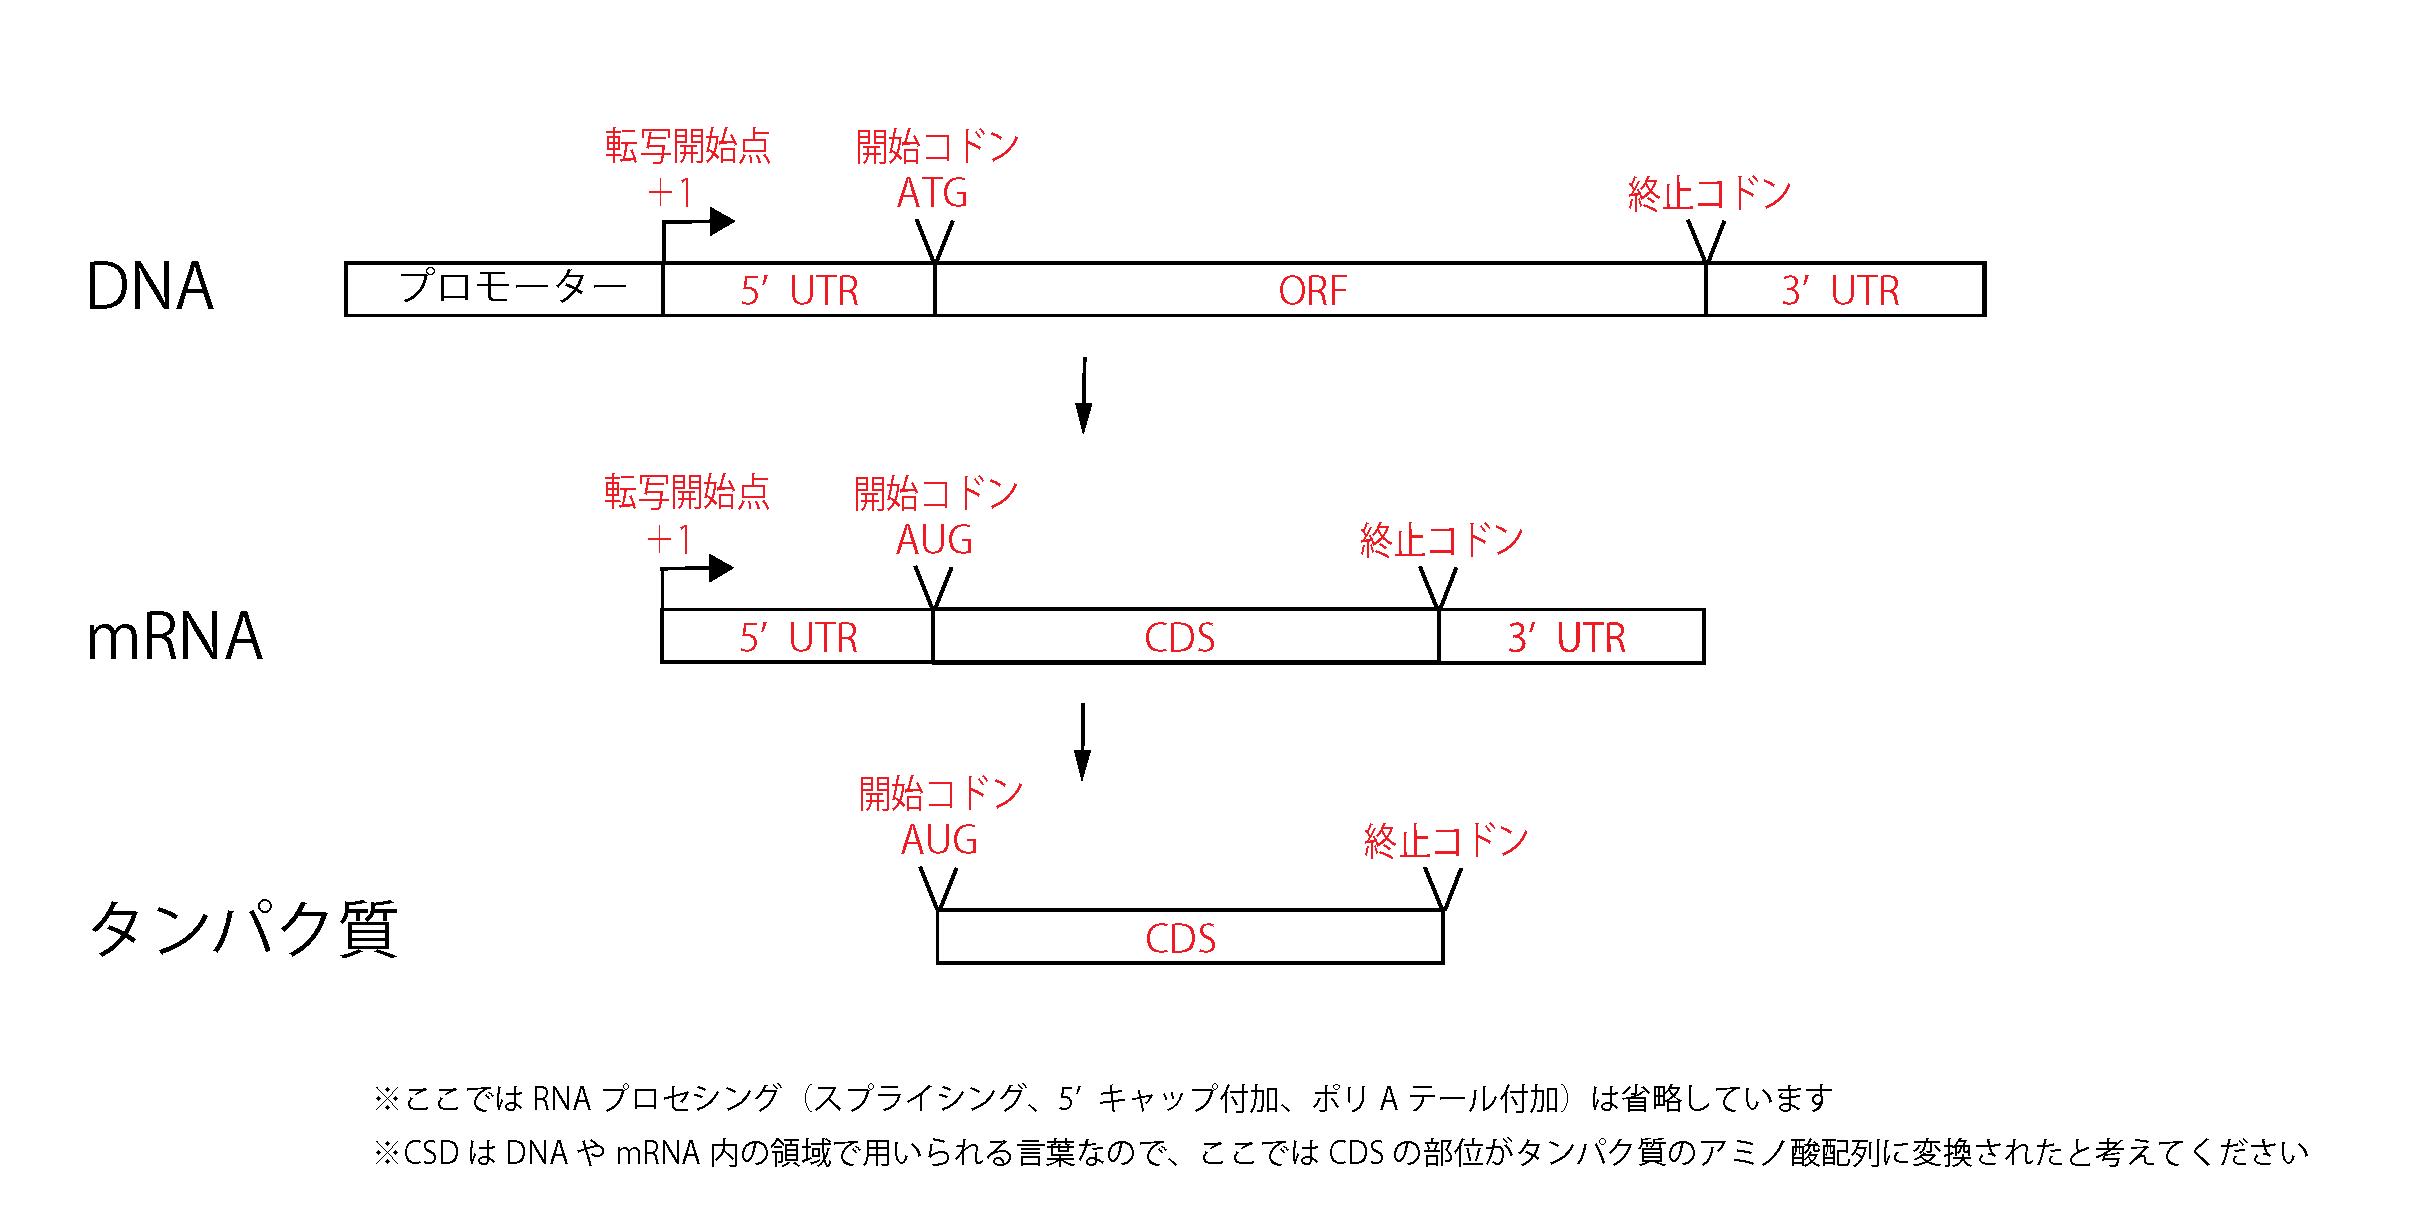 遺伝子の構成(ORF、UTR)について